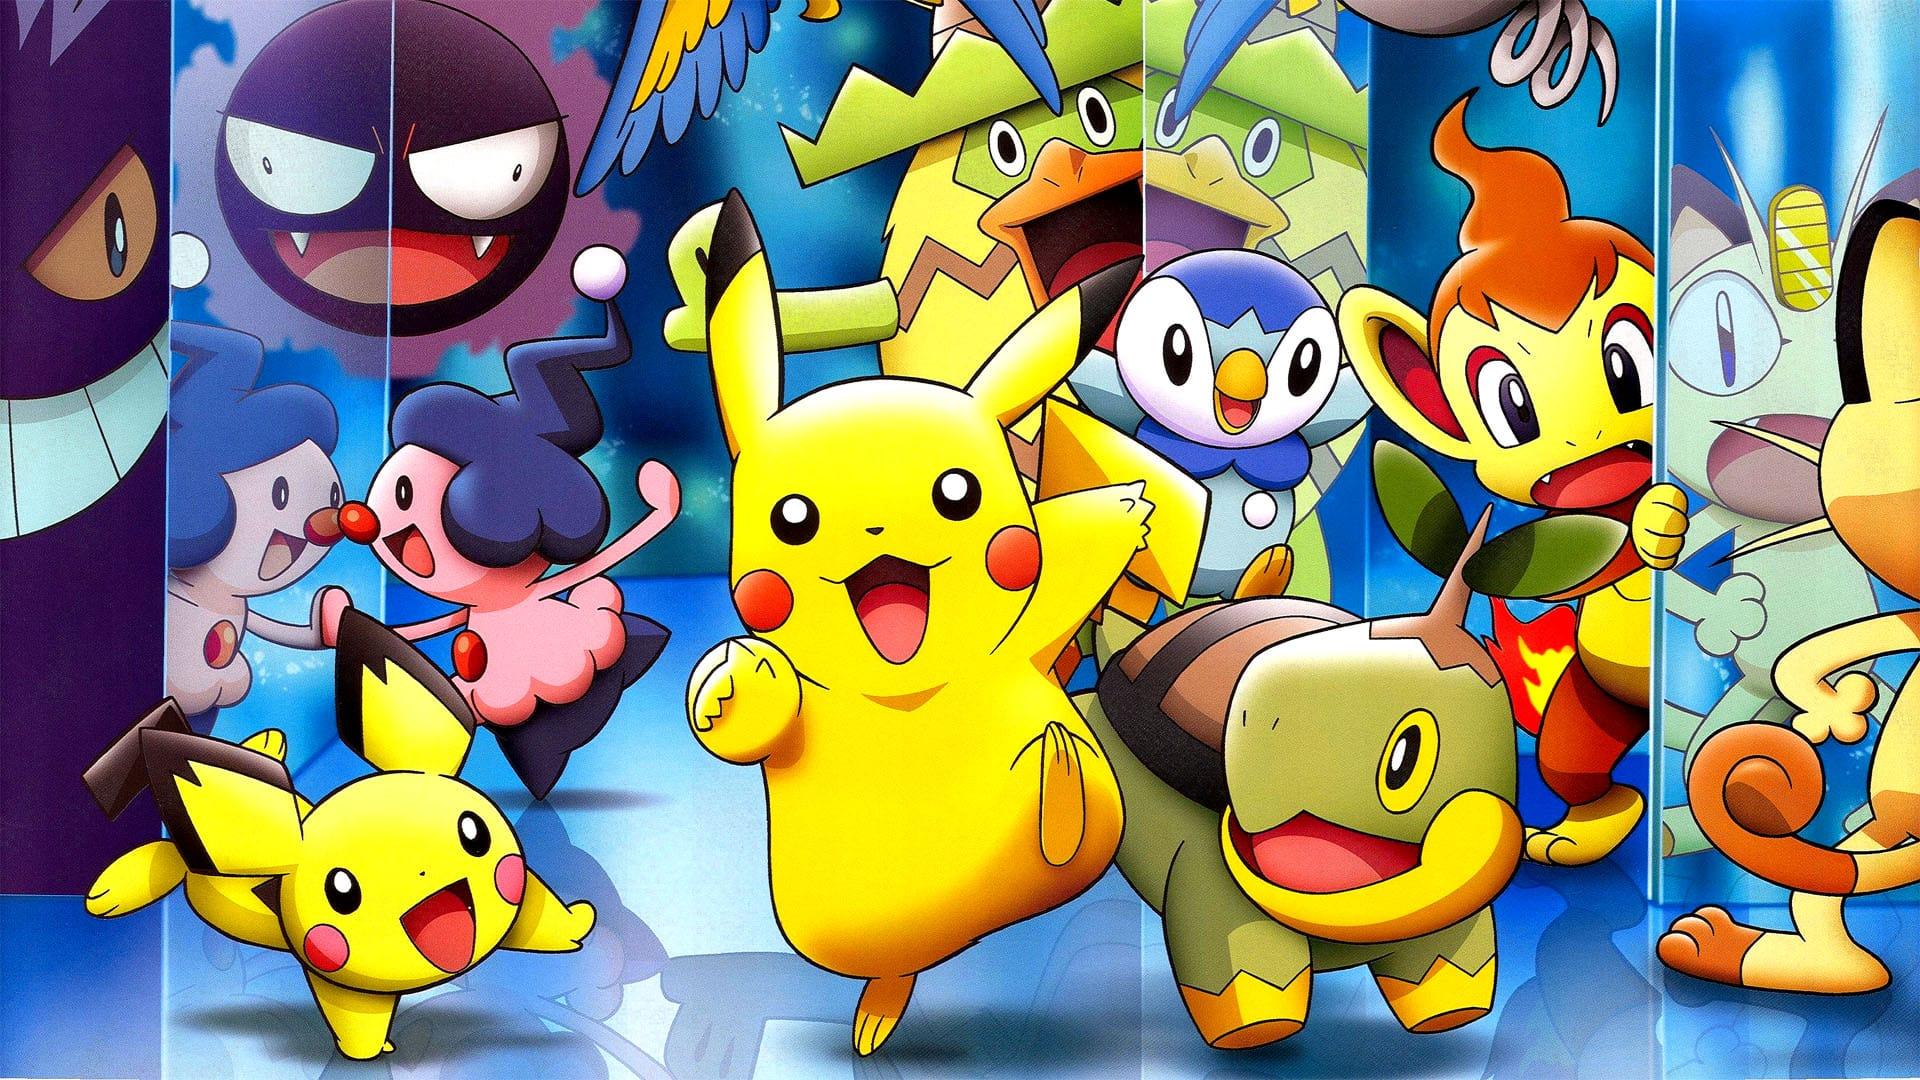 Hình nền pokemon full hd